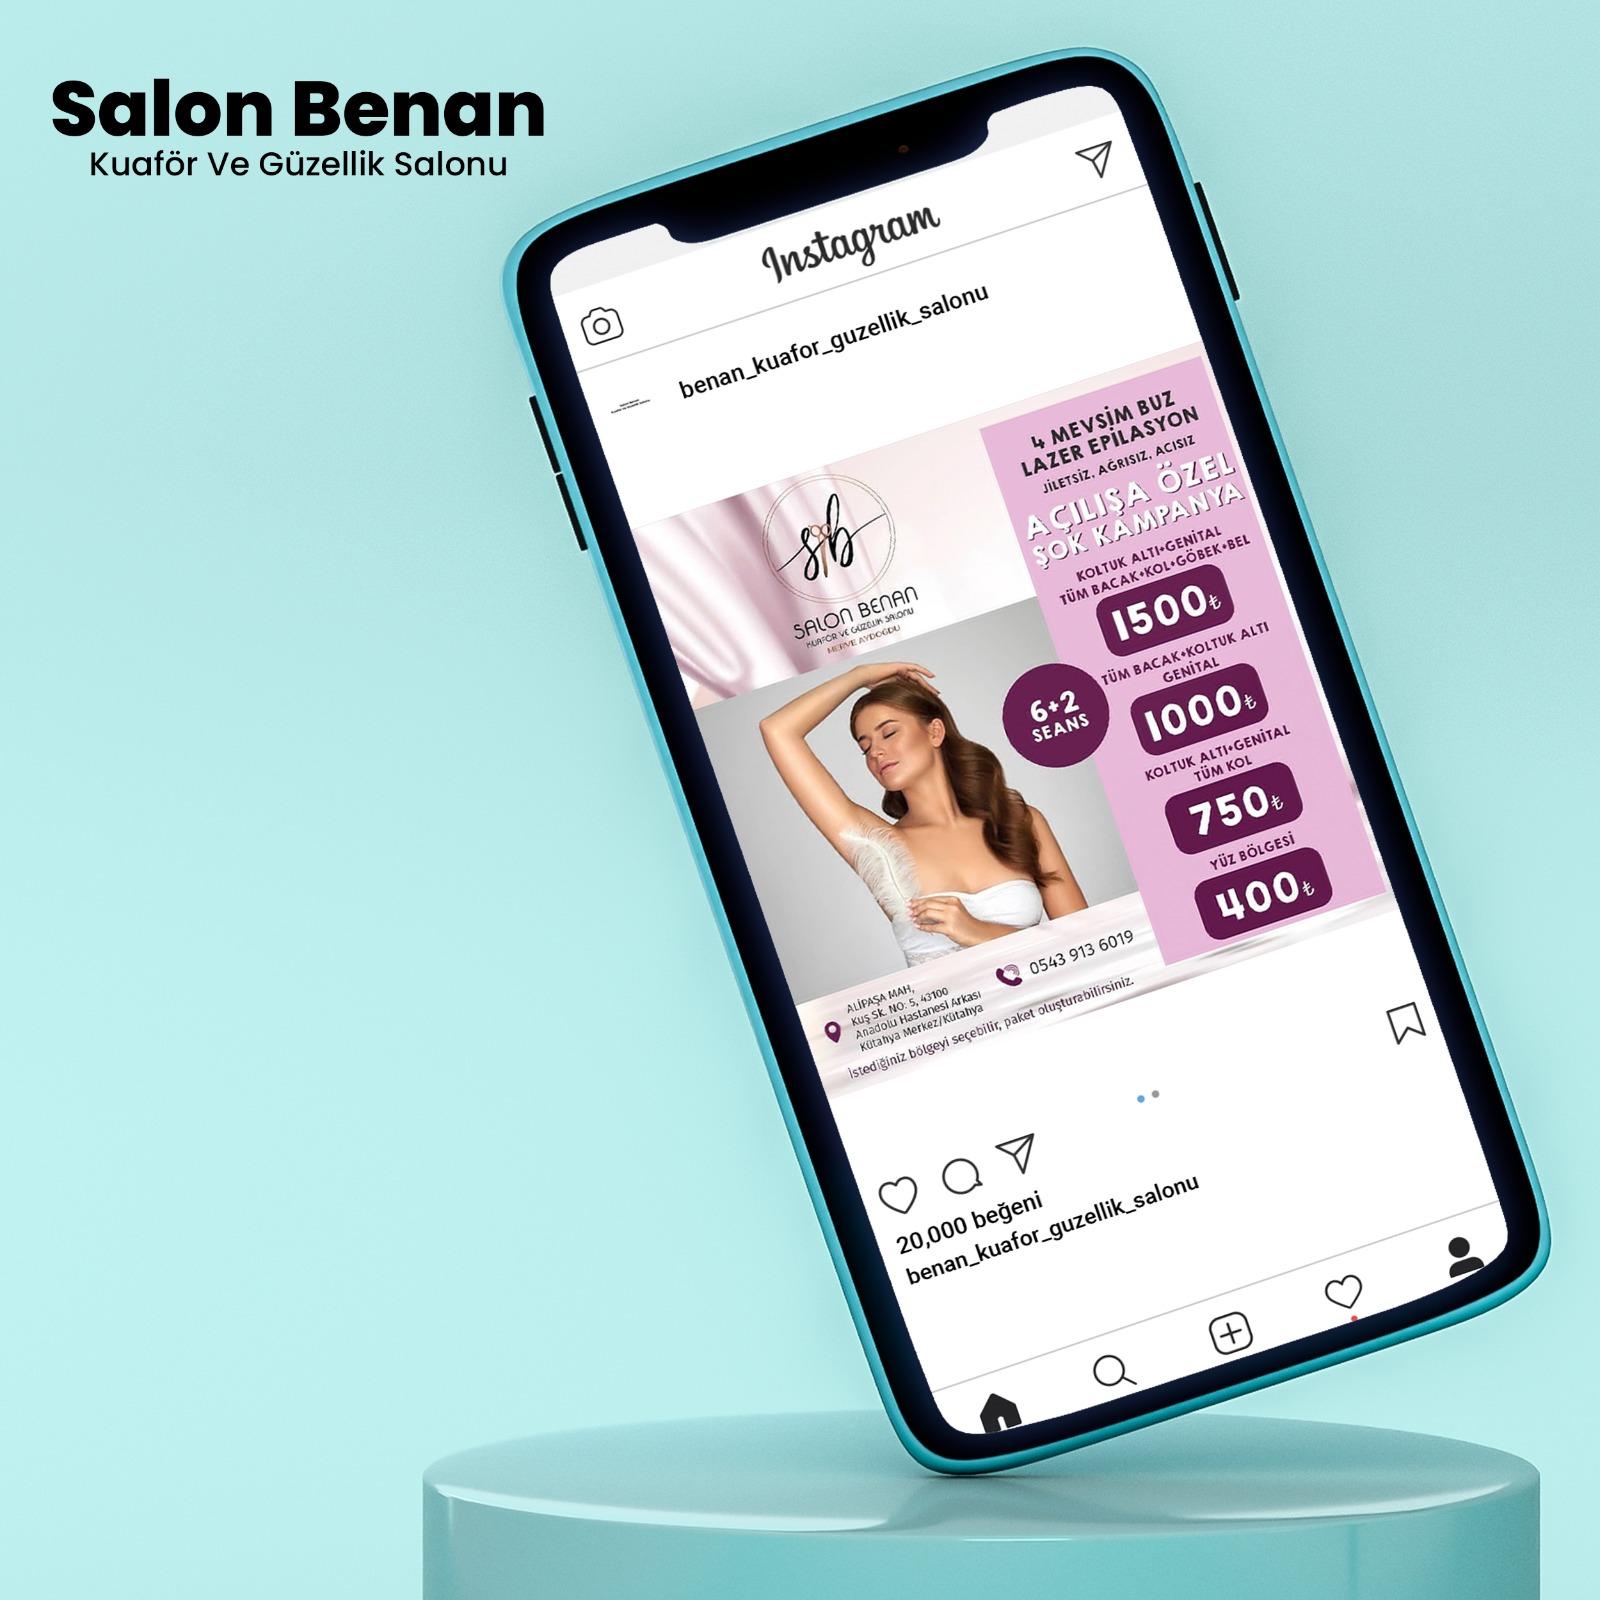 Salon Benan